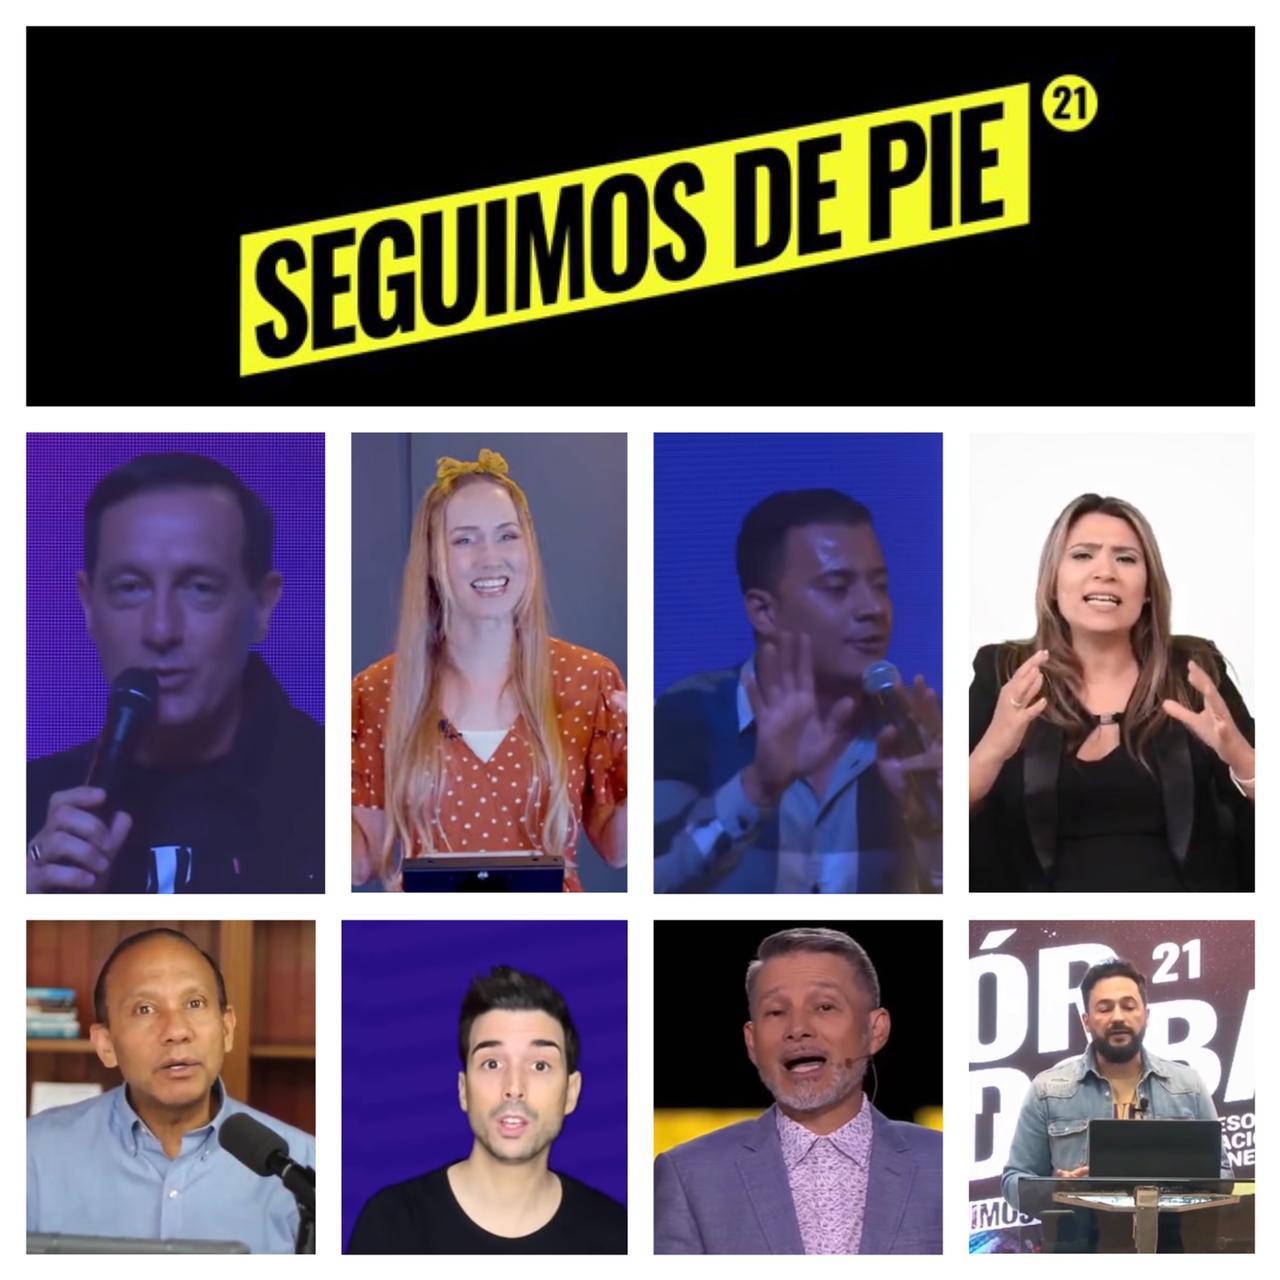 #SeguimosDePie, el Webinar Juvenil que se registró desde Argentina para el mundo